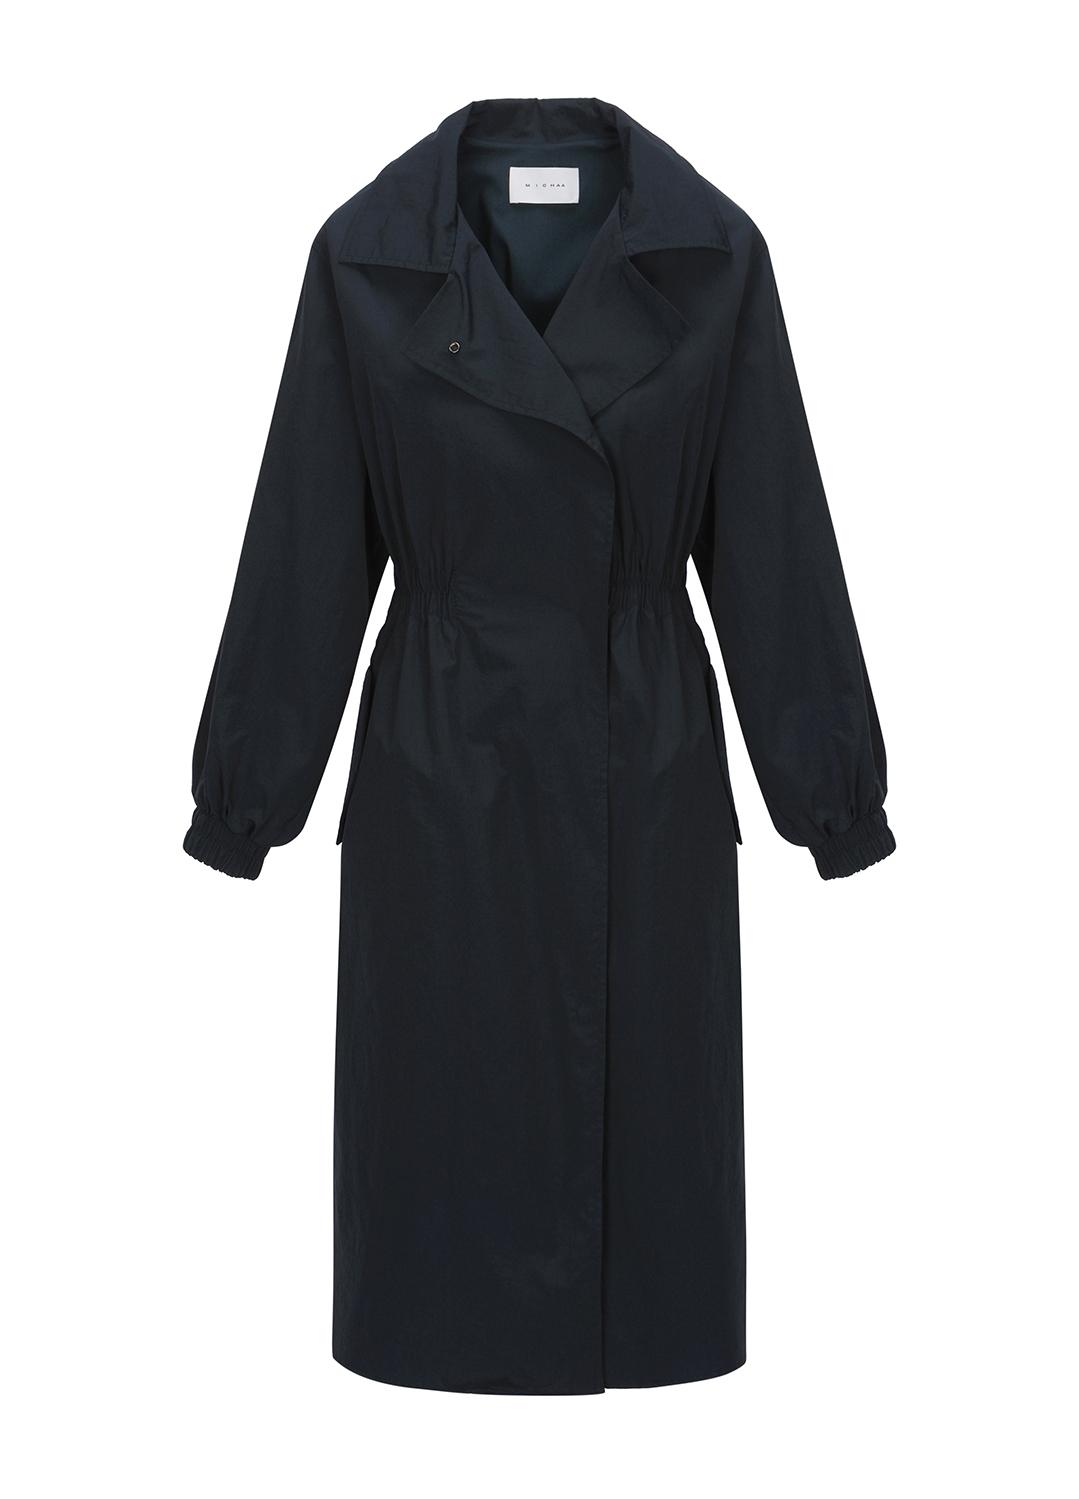 [신상품 특가전] 나일론 스탠다드 카라 뒷 주름 코트